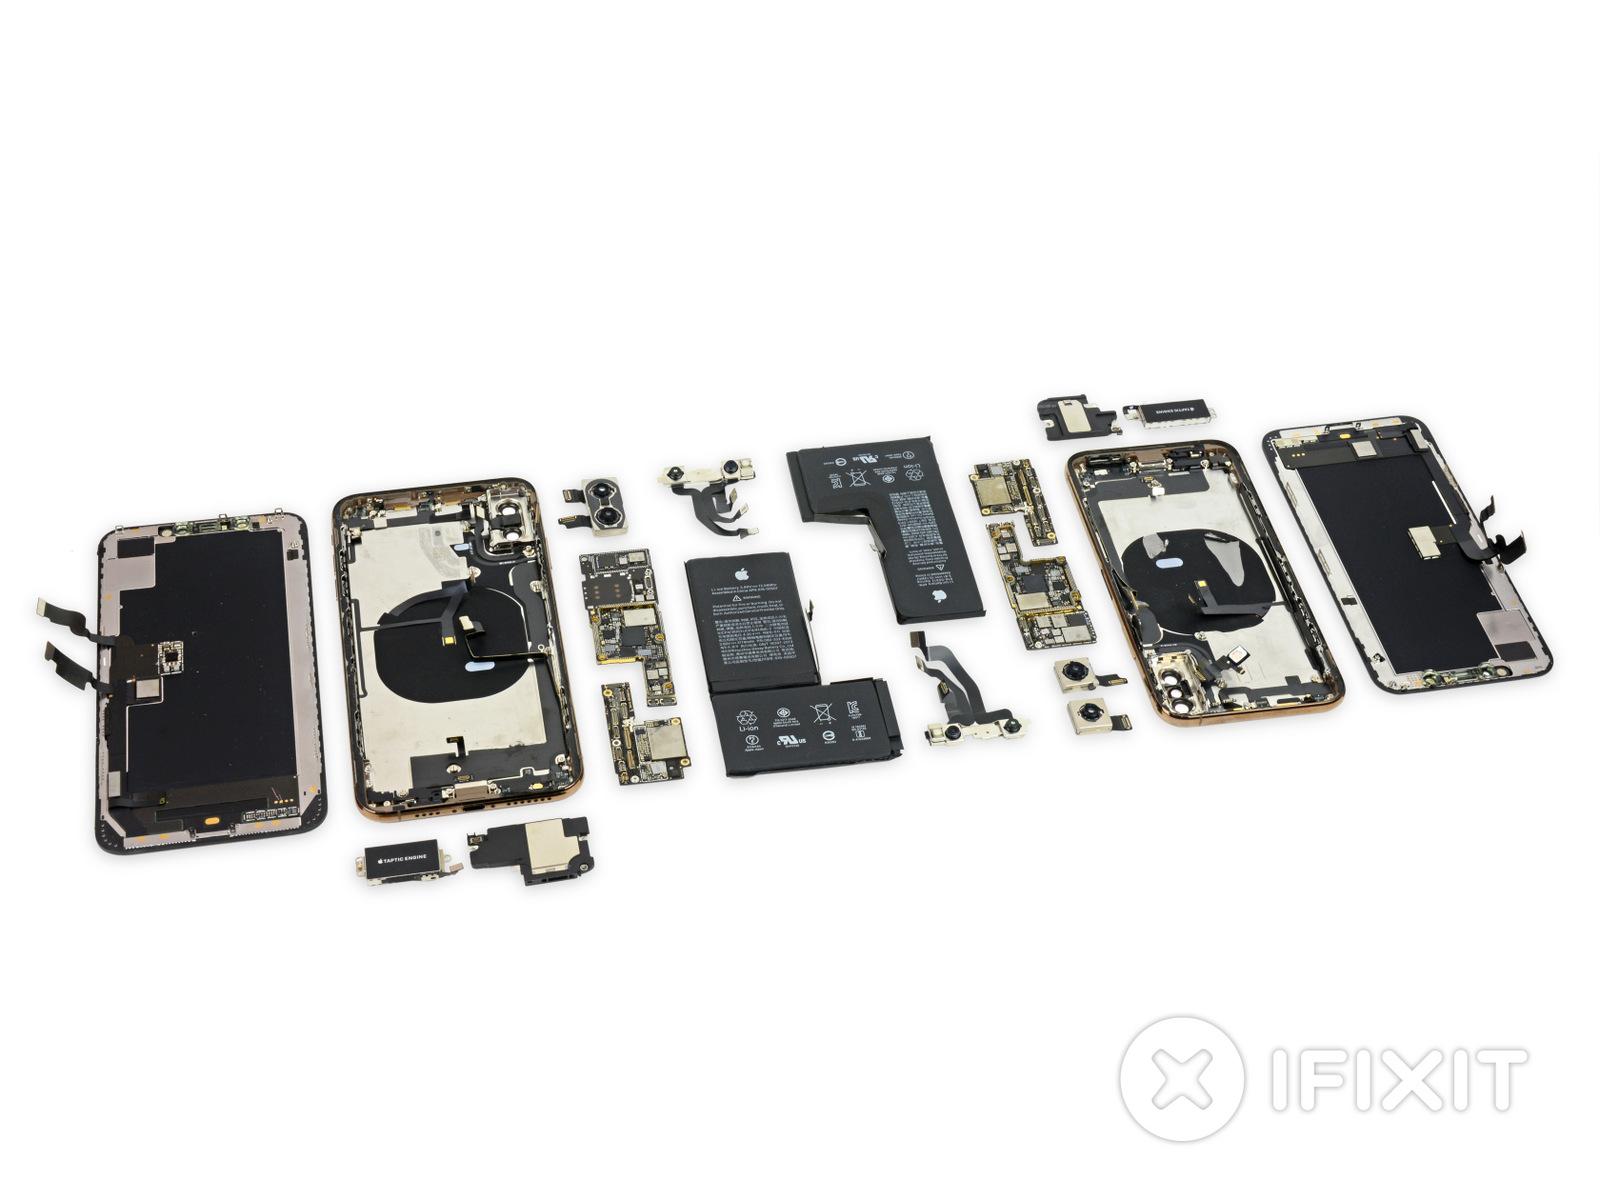 Эксперты из iFixit разобрали iPhone XS и XS Max и испытали их влагозащиту необычным способом - фото 2 | Сервисный центр Total Apple